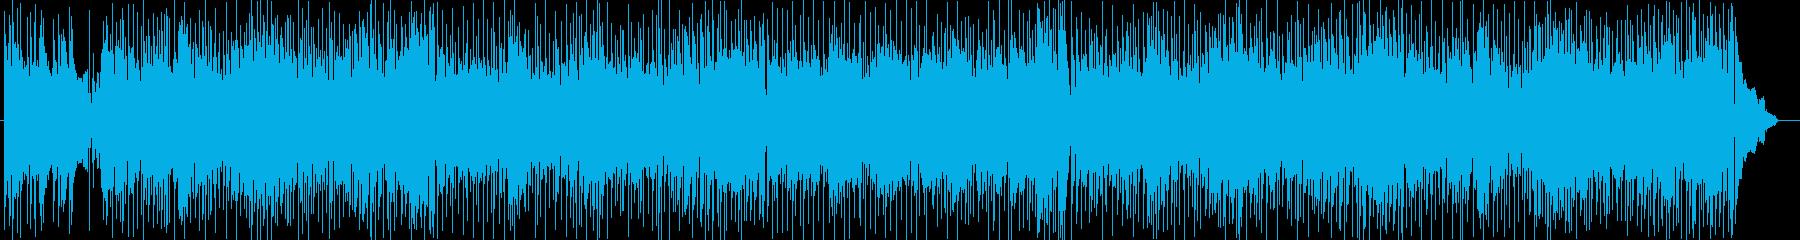 休日のドライブシンセサイザー系曲の再生済みの波形